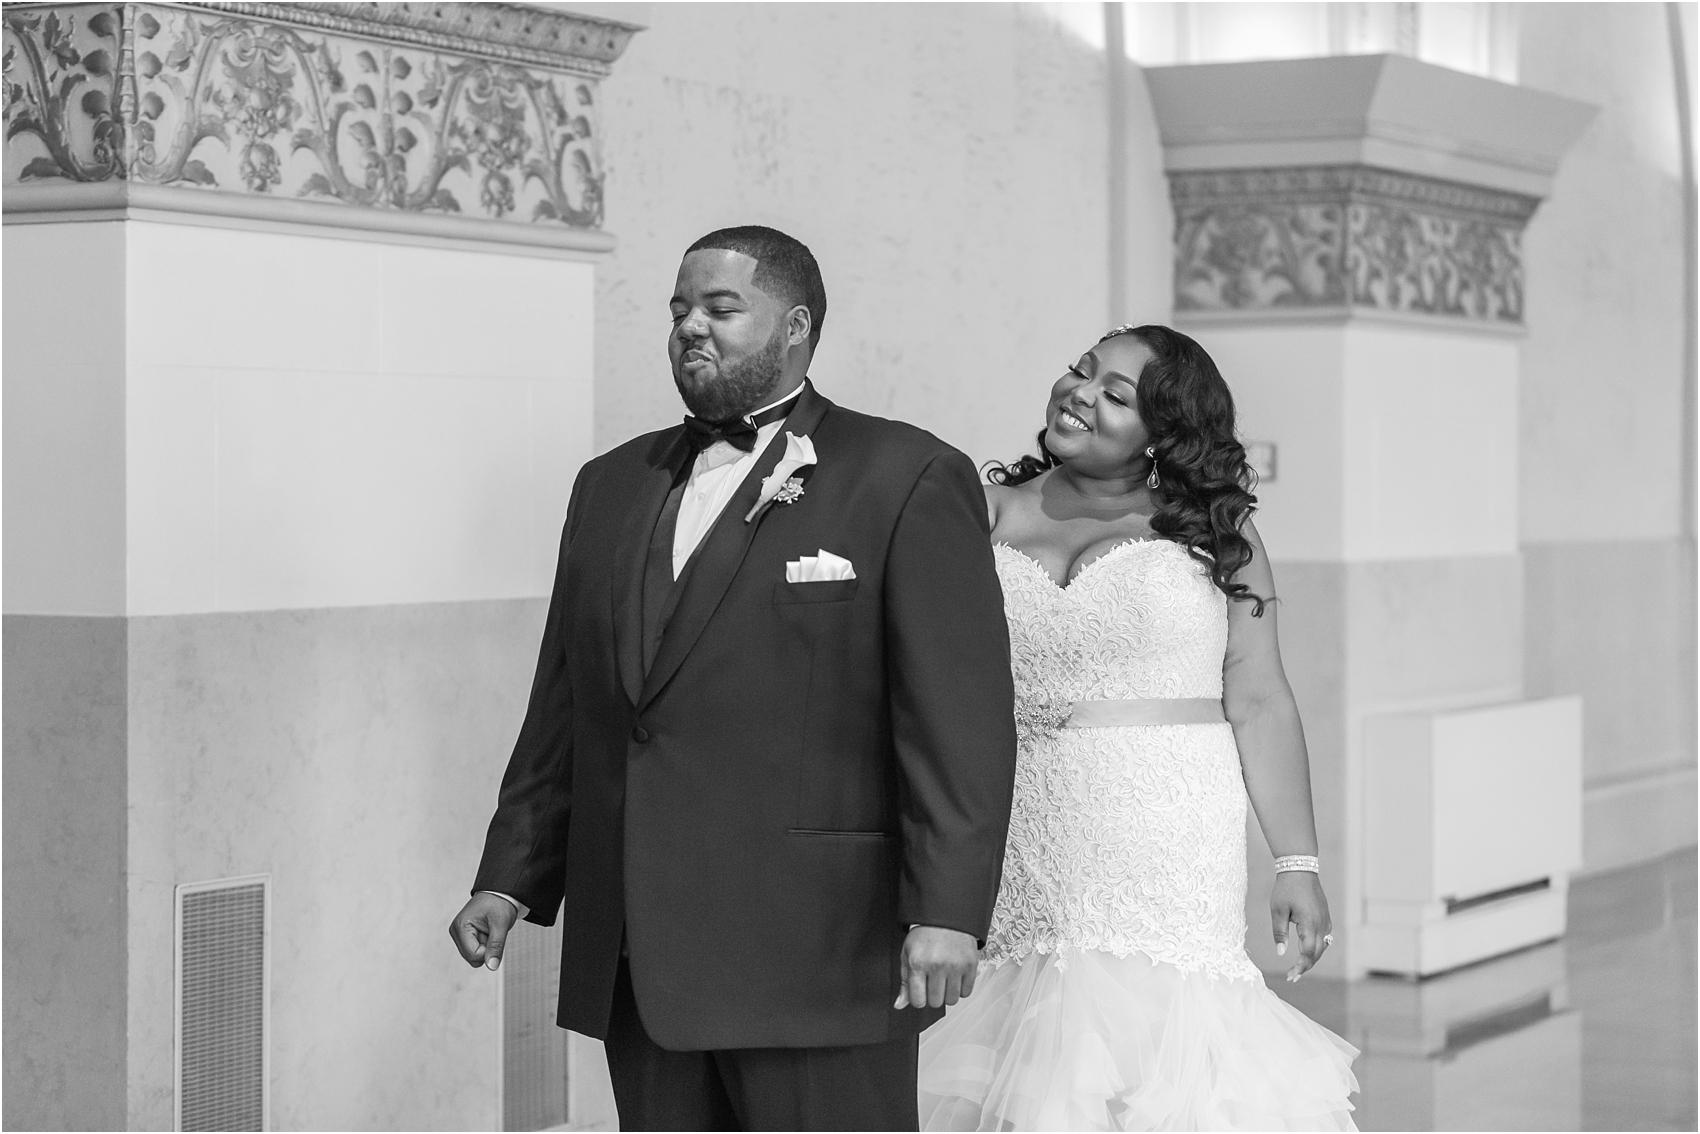 minimalist-and-modern-wedding-photos-at-30-north-saginaw-in-pontiac-michigan-by-courtney-carolyn-photography_0012.jpg